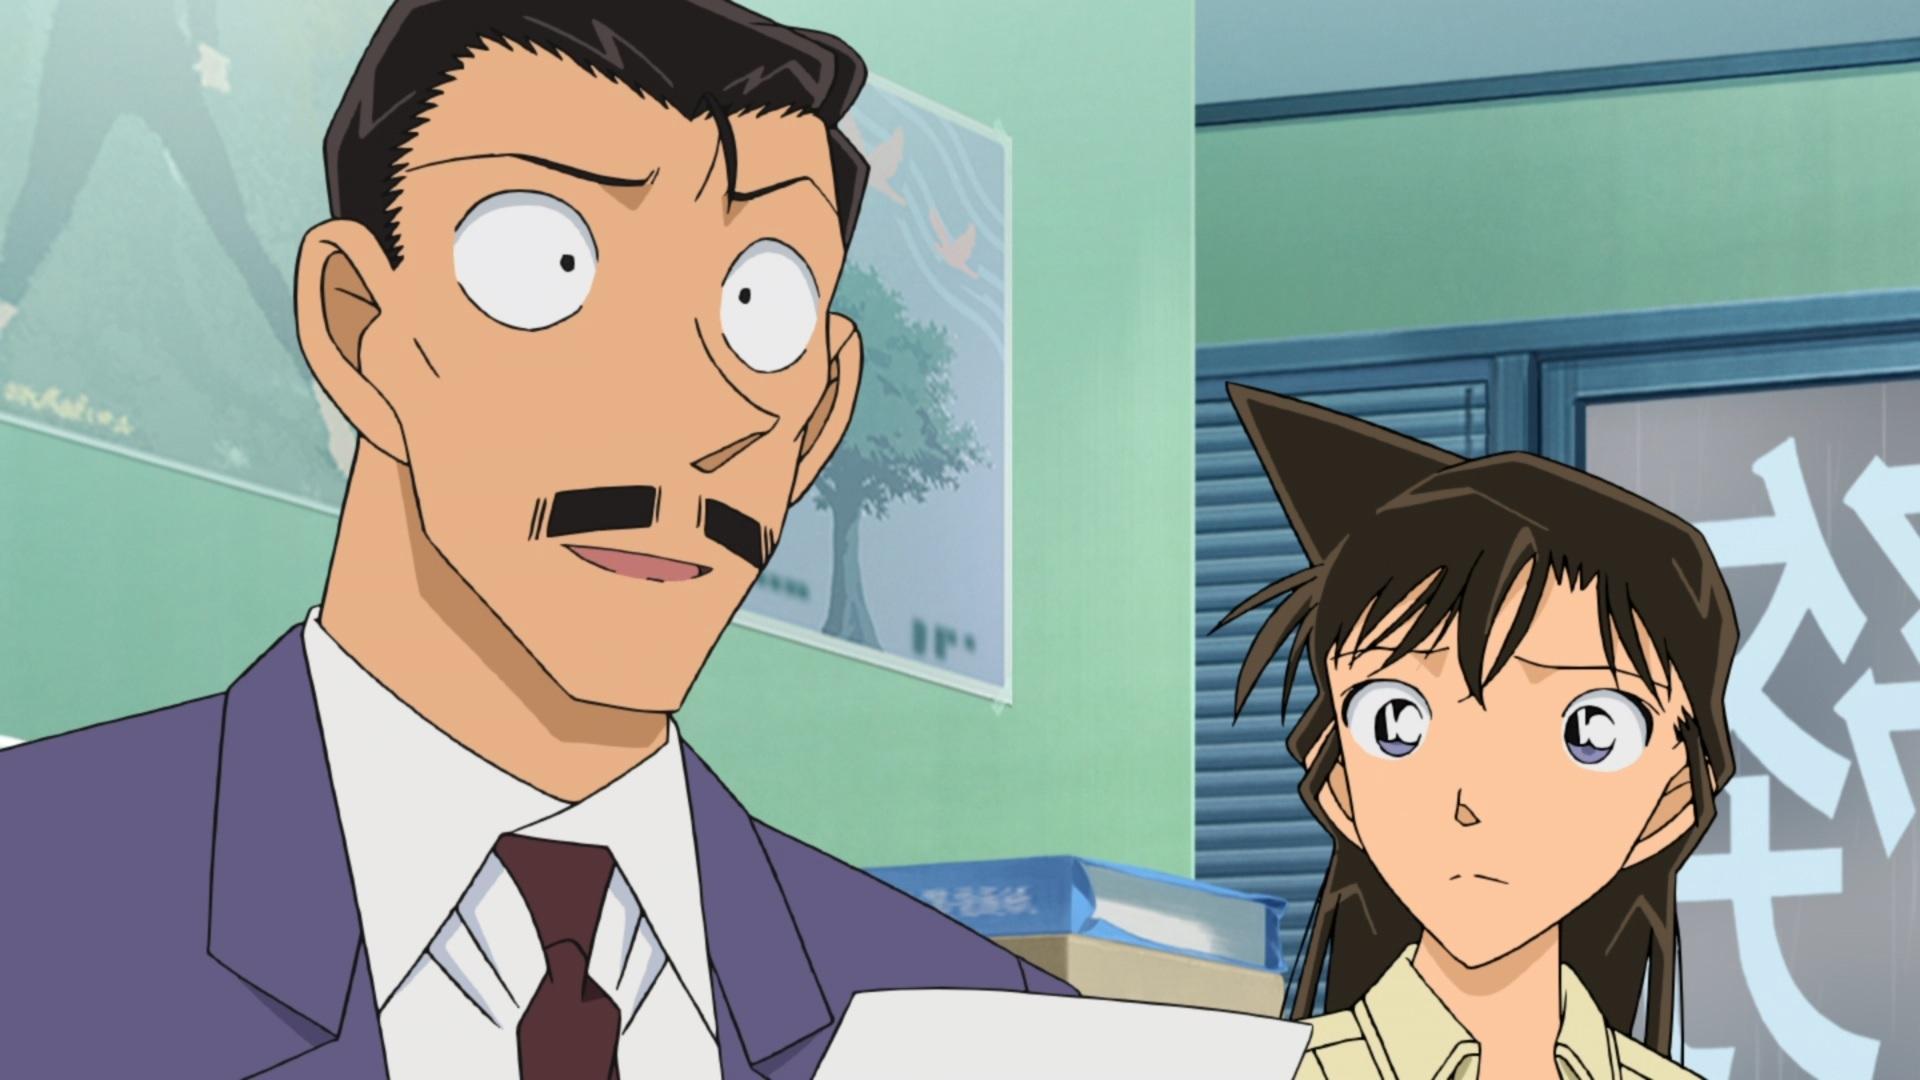 Kogori Mori intenta consolar a un cliente potencial en una escena del anime de televisión Case Closed / Detective Conan.